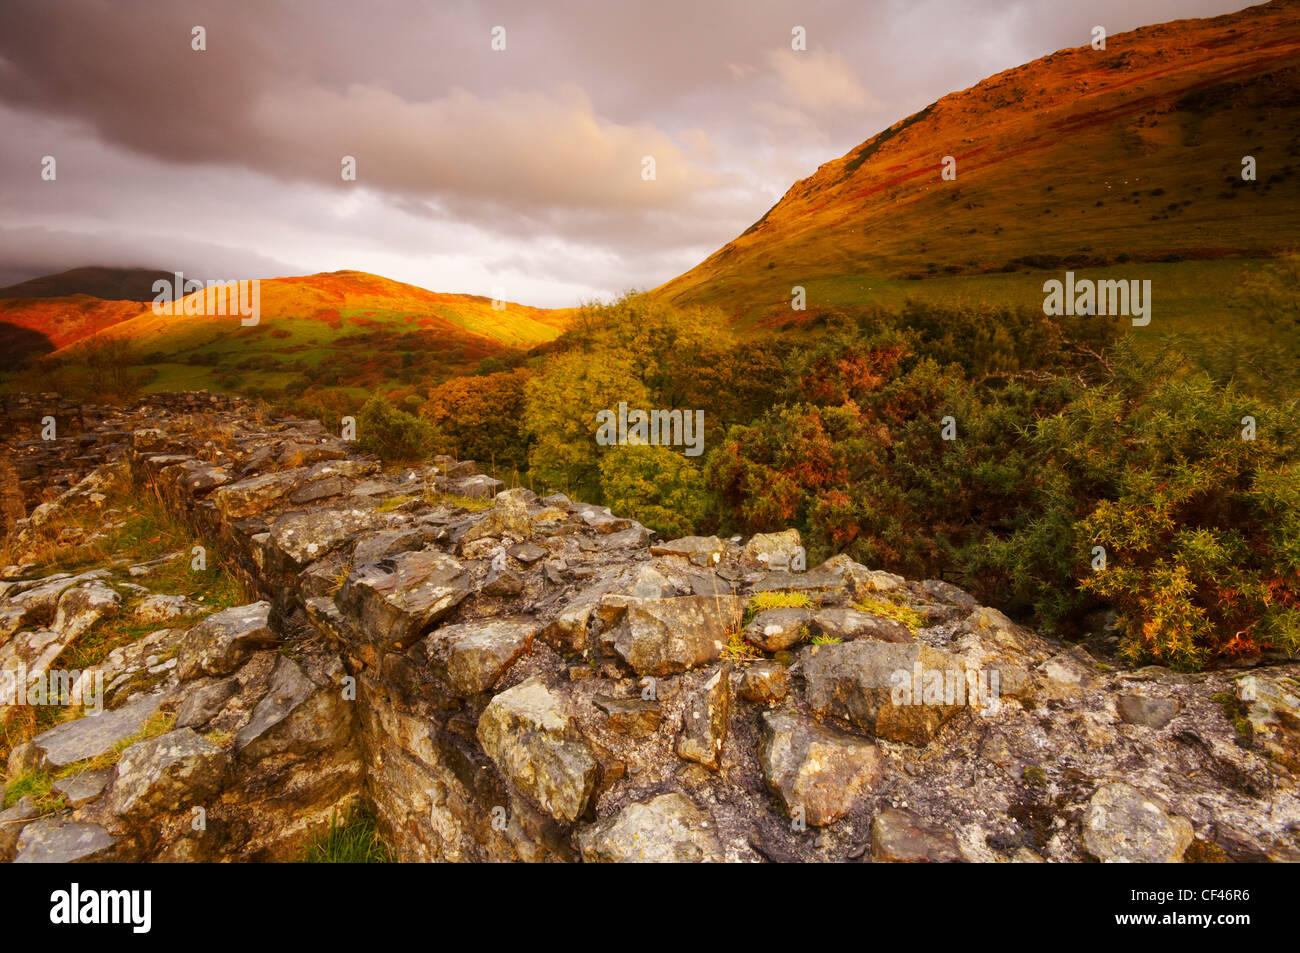 La colline, ruine de Castell Y Bere à la fin de l'automne la lumière en Snowdonia. Photo Stock